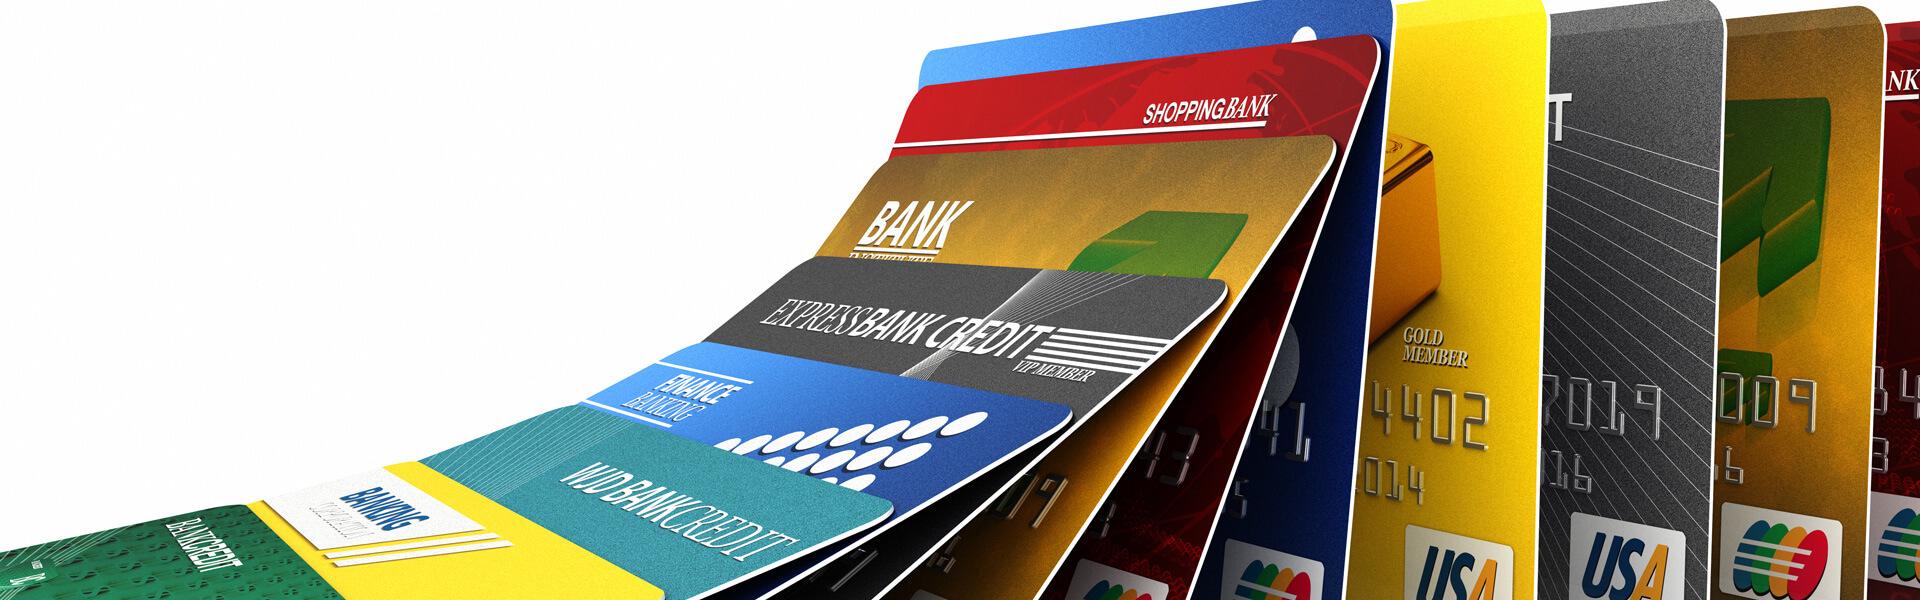 Scecu Online Banking